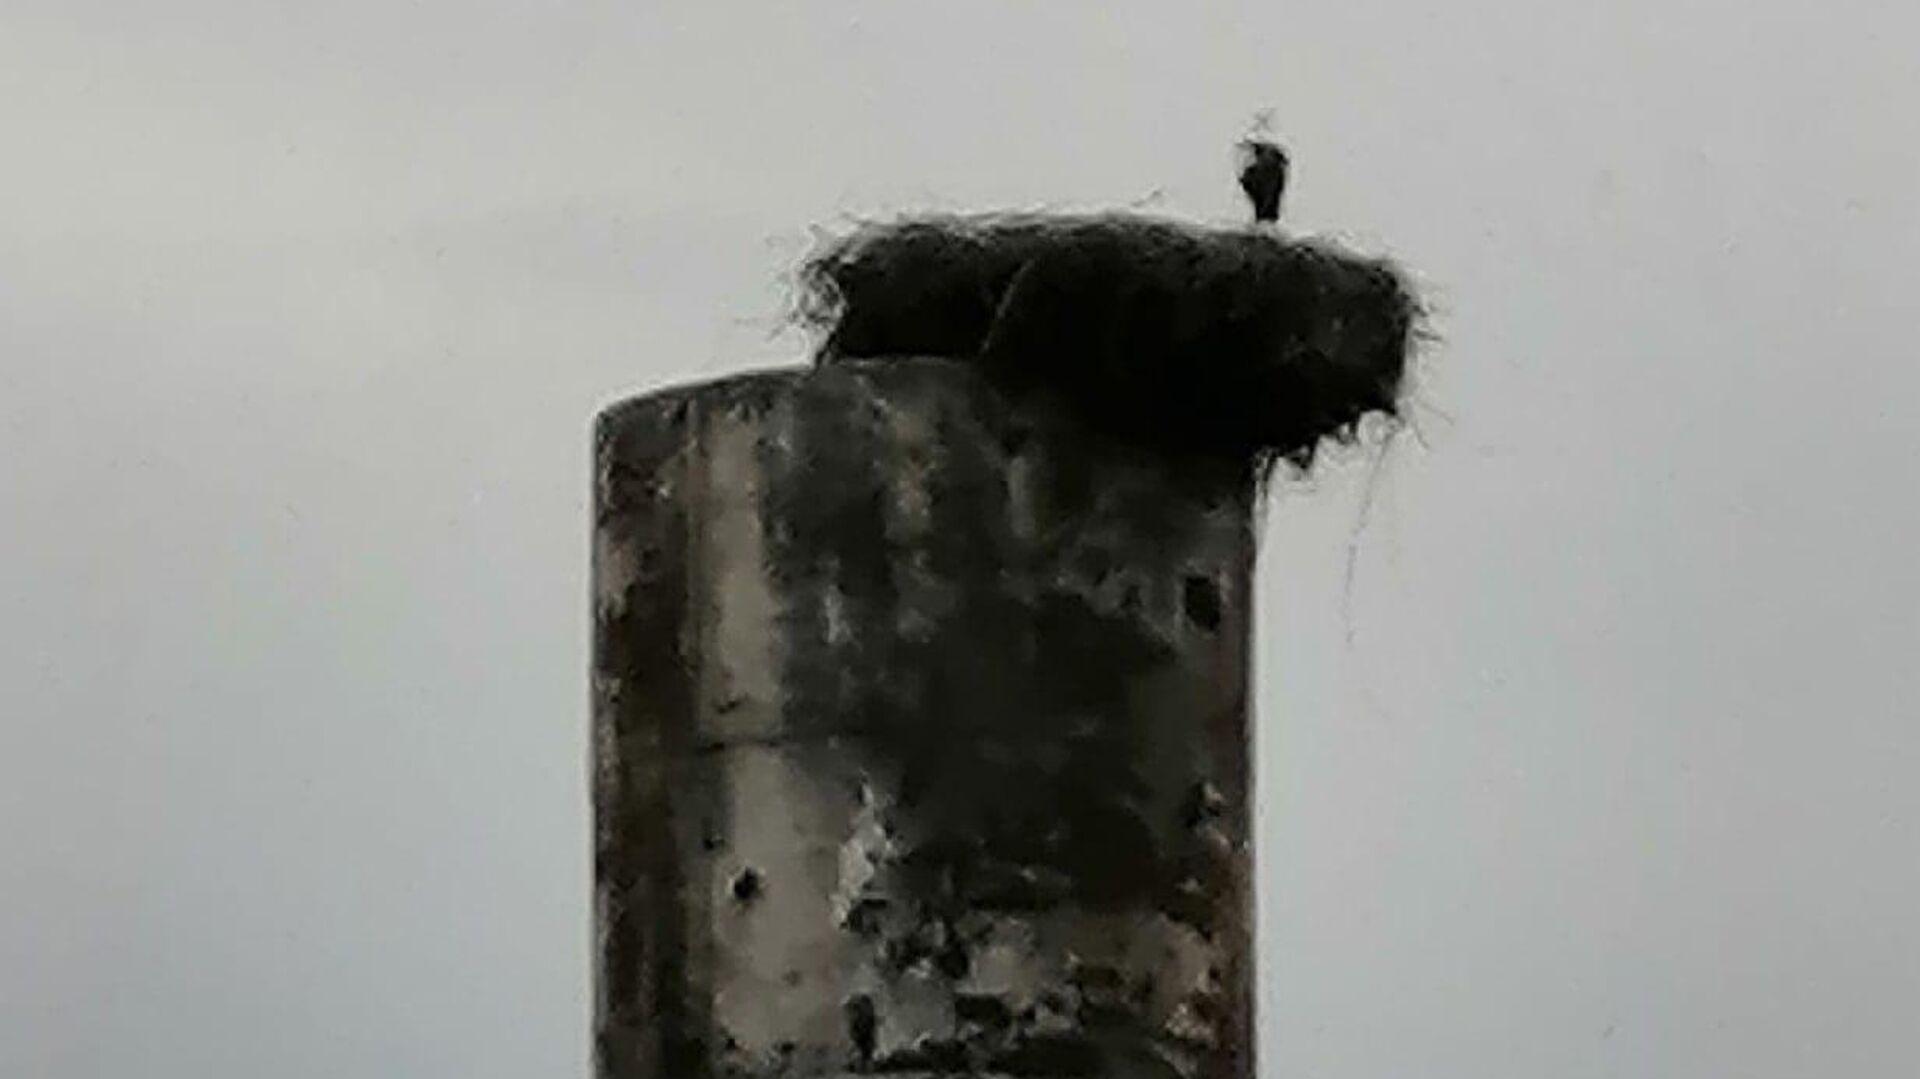 Под Калининградом снесли водонапорную башню вместе с гнездом аиста